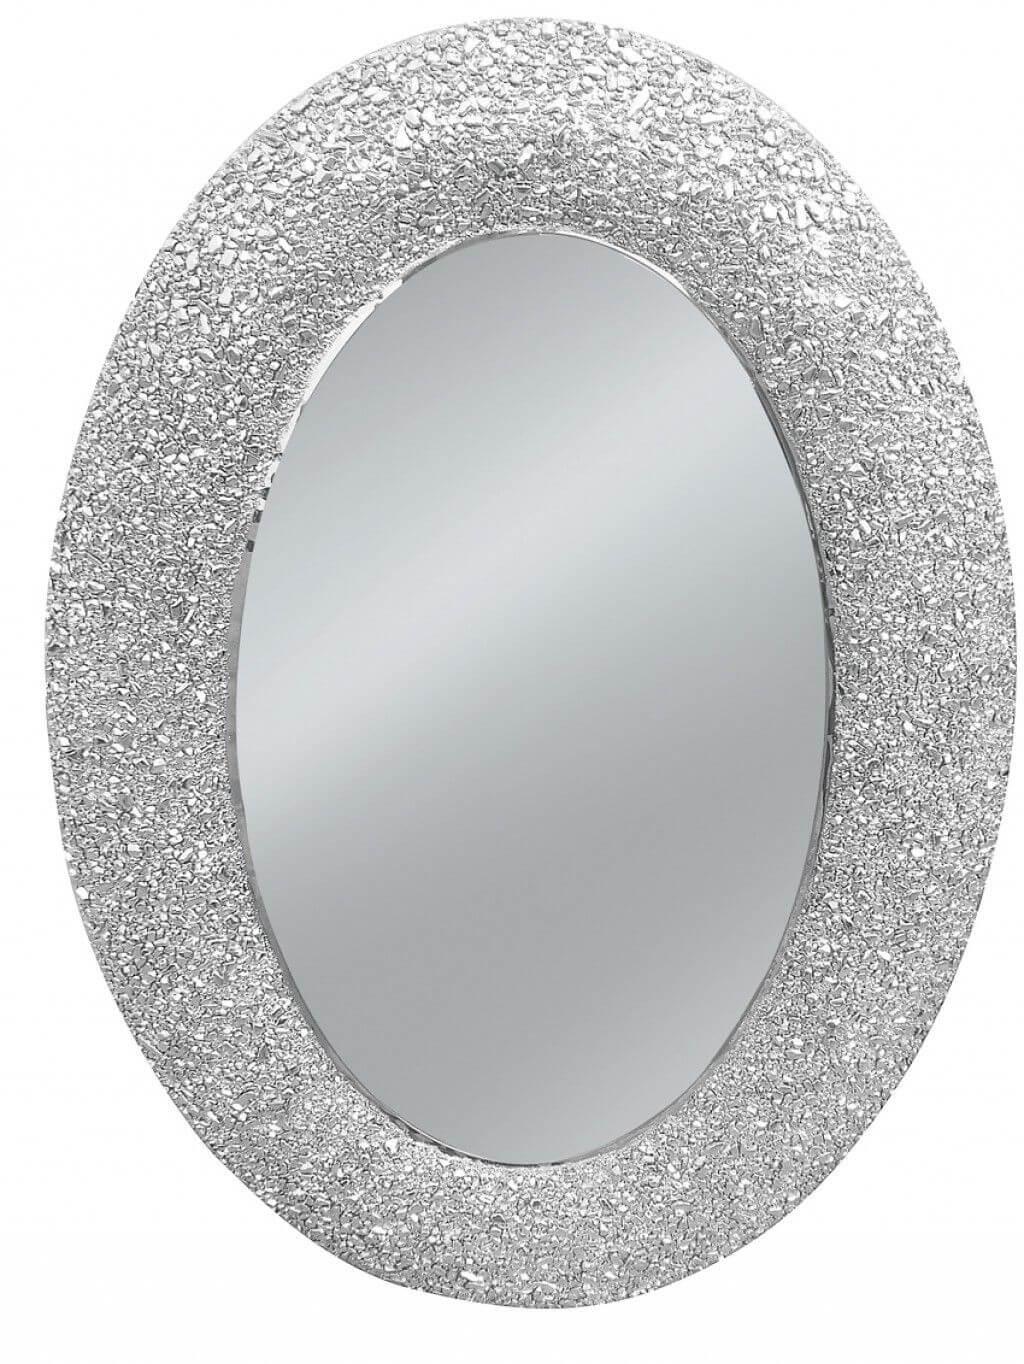 Specchio ovale argento